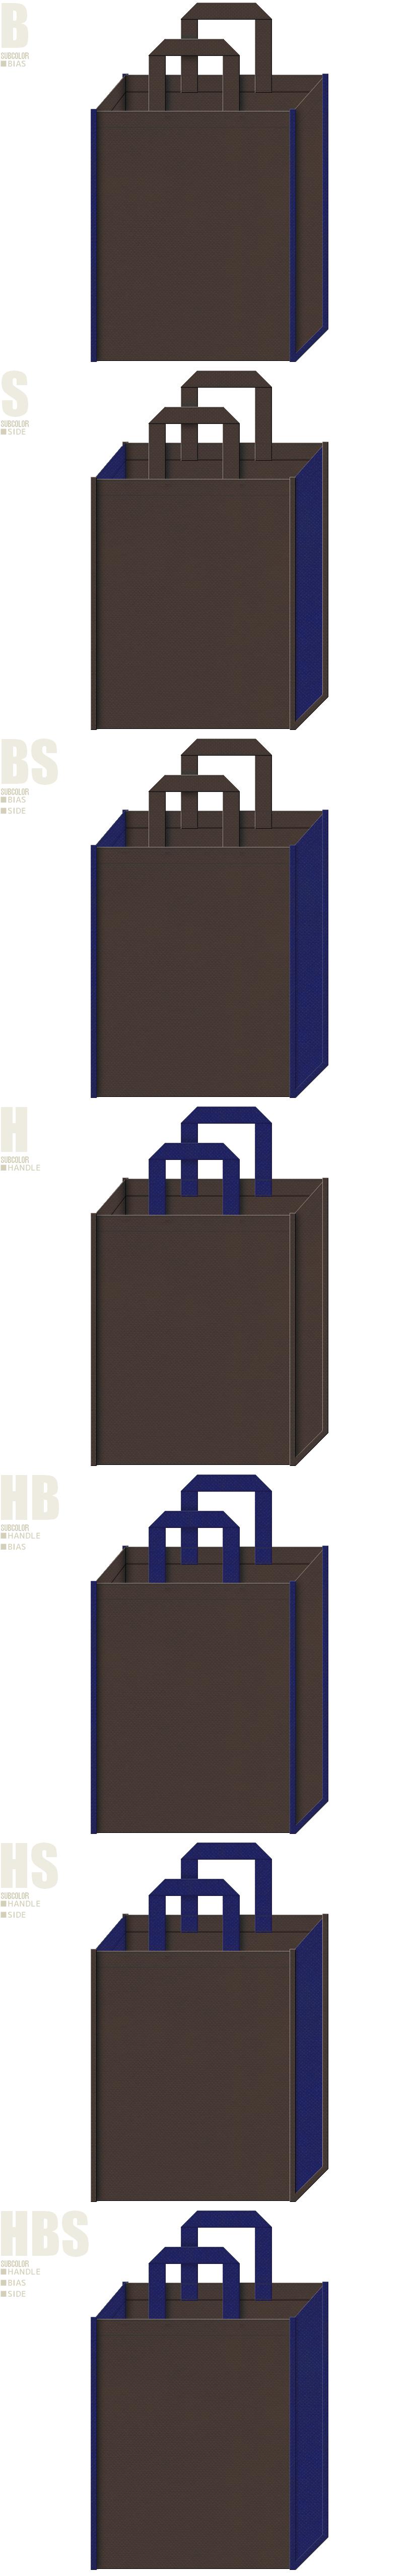 廃屋・地下牢・迷路・ホラー・ミステリー・アクションゲーム・シューティングゲーム・対戦型格闘ゲーム・ゲームの展示会用バッグにお奨めの不織布バッグデザイン:こげ茶色と明るい紺色の配色7パターン